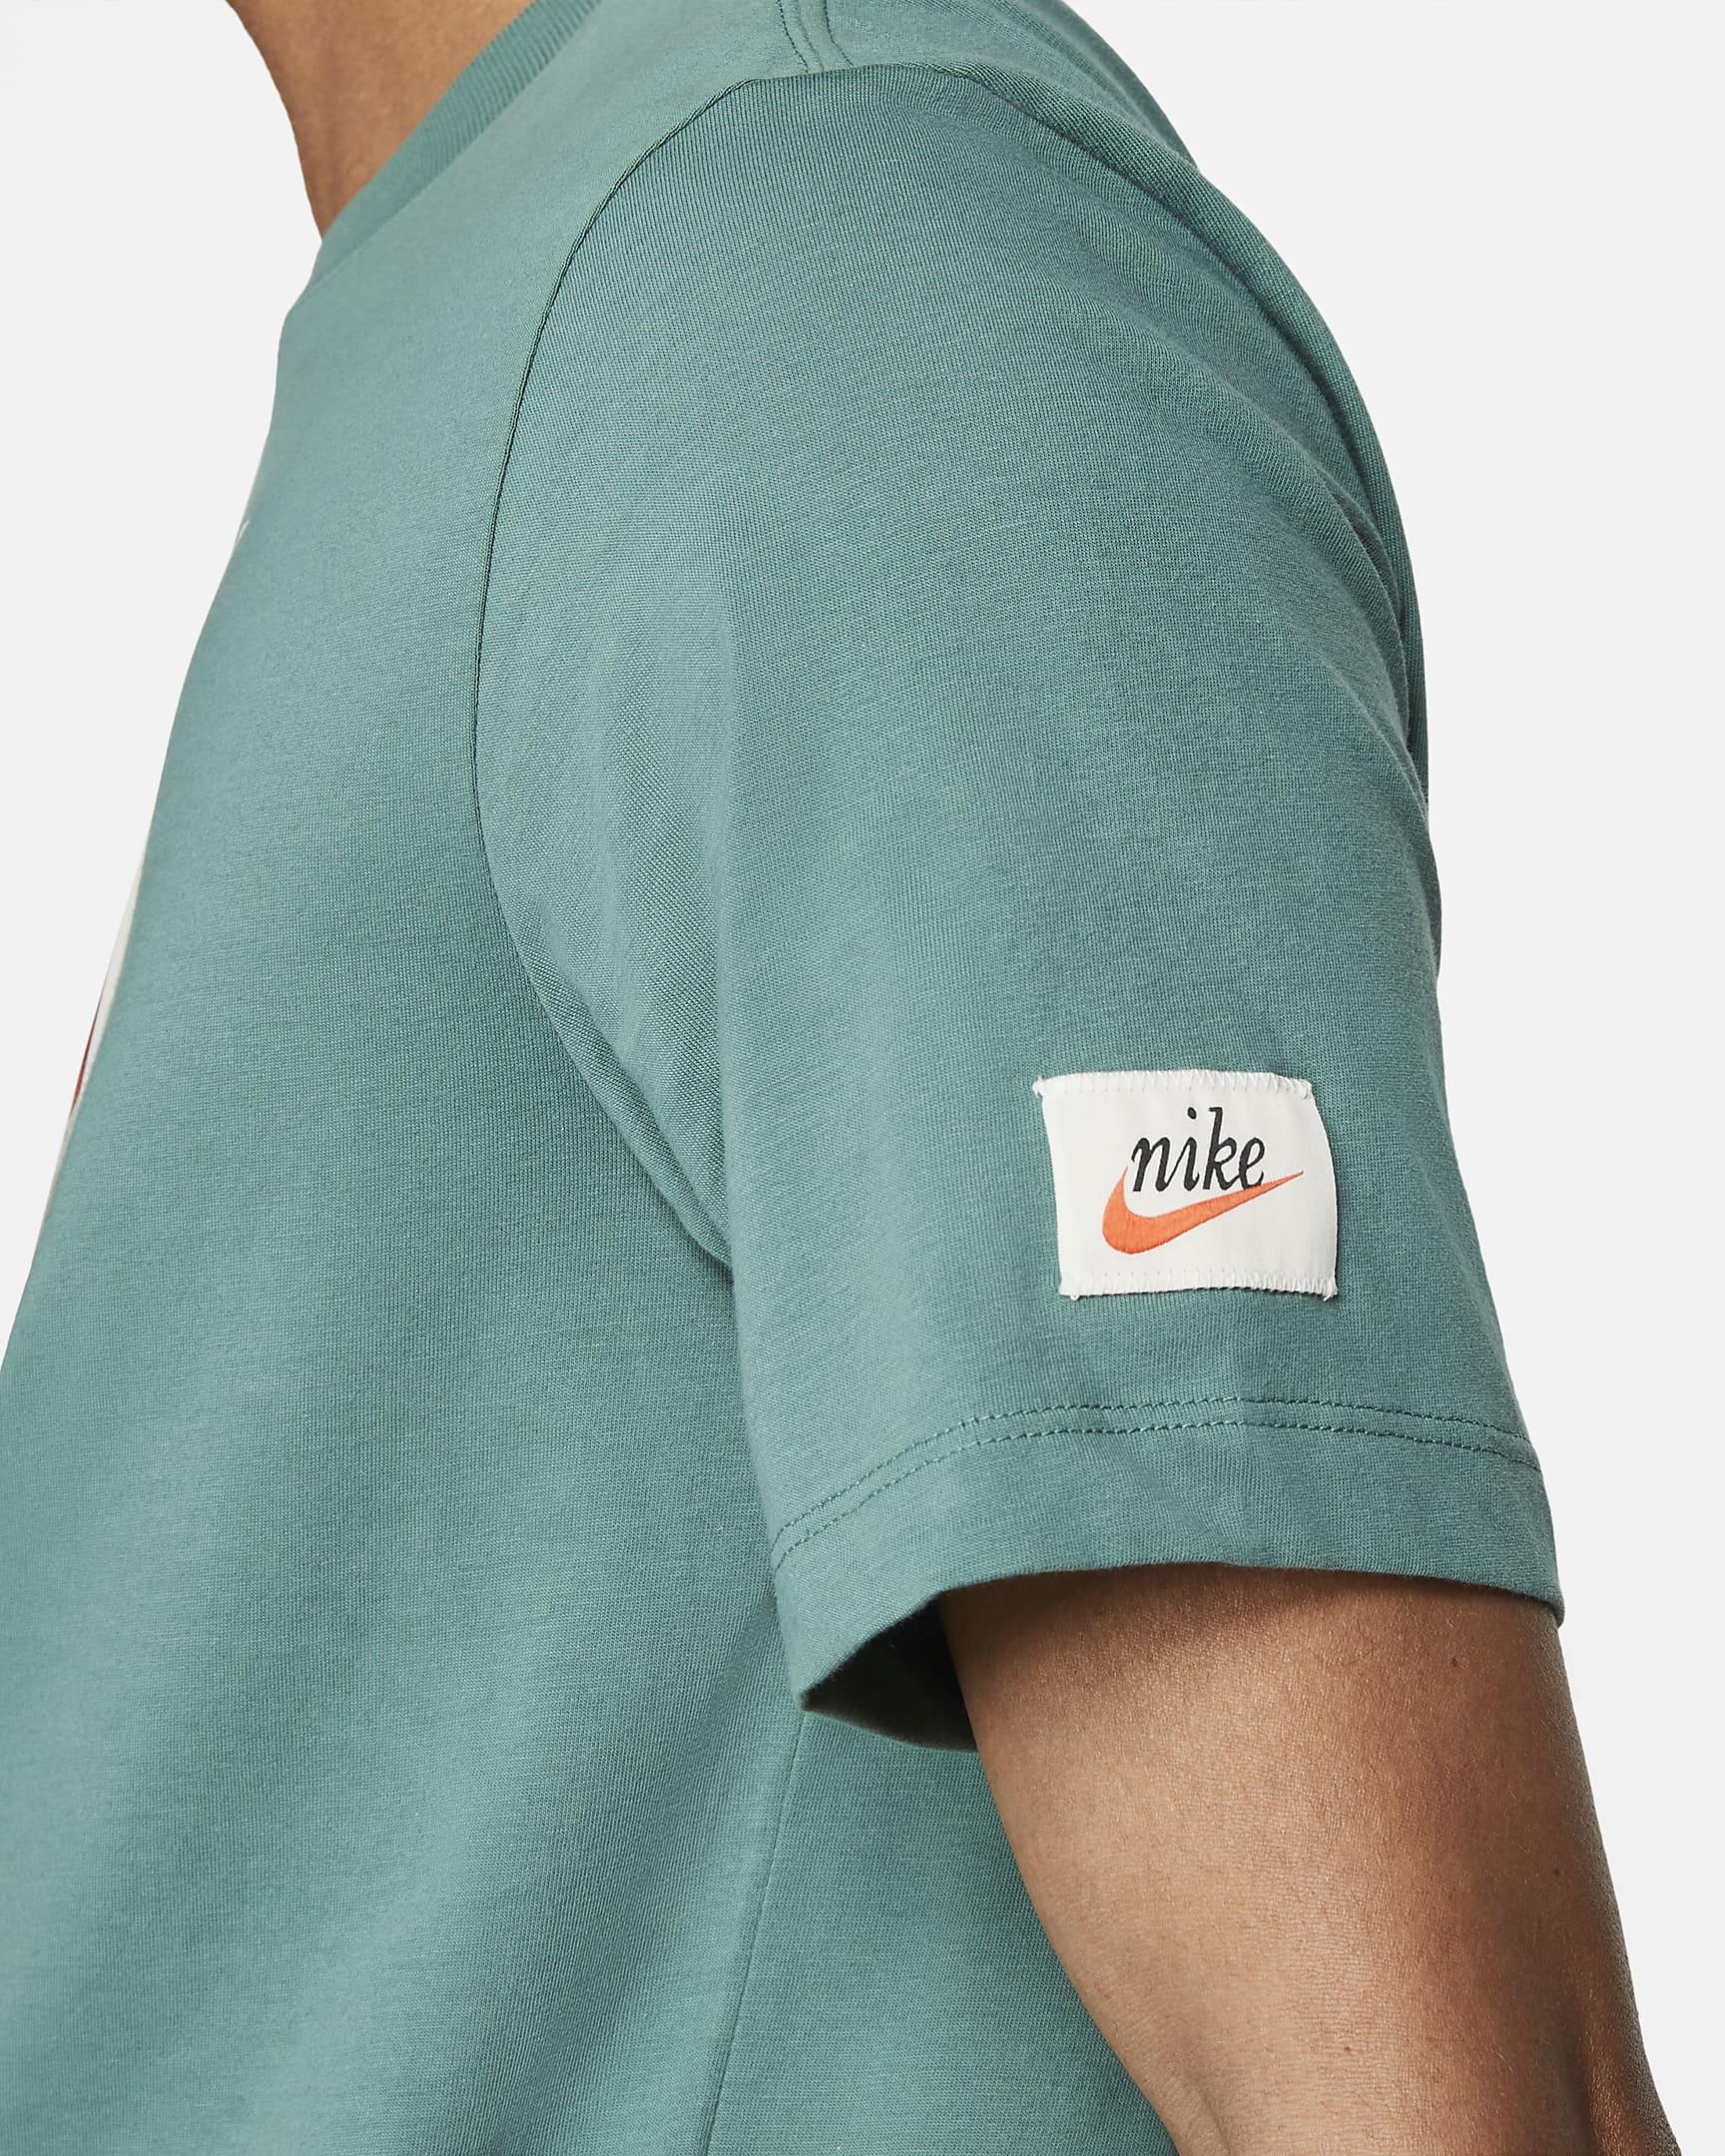 sportswear-mens-t-shirt-0B6KnQ-2.png